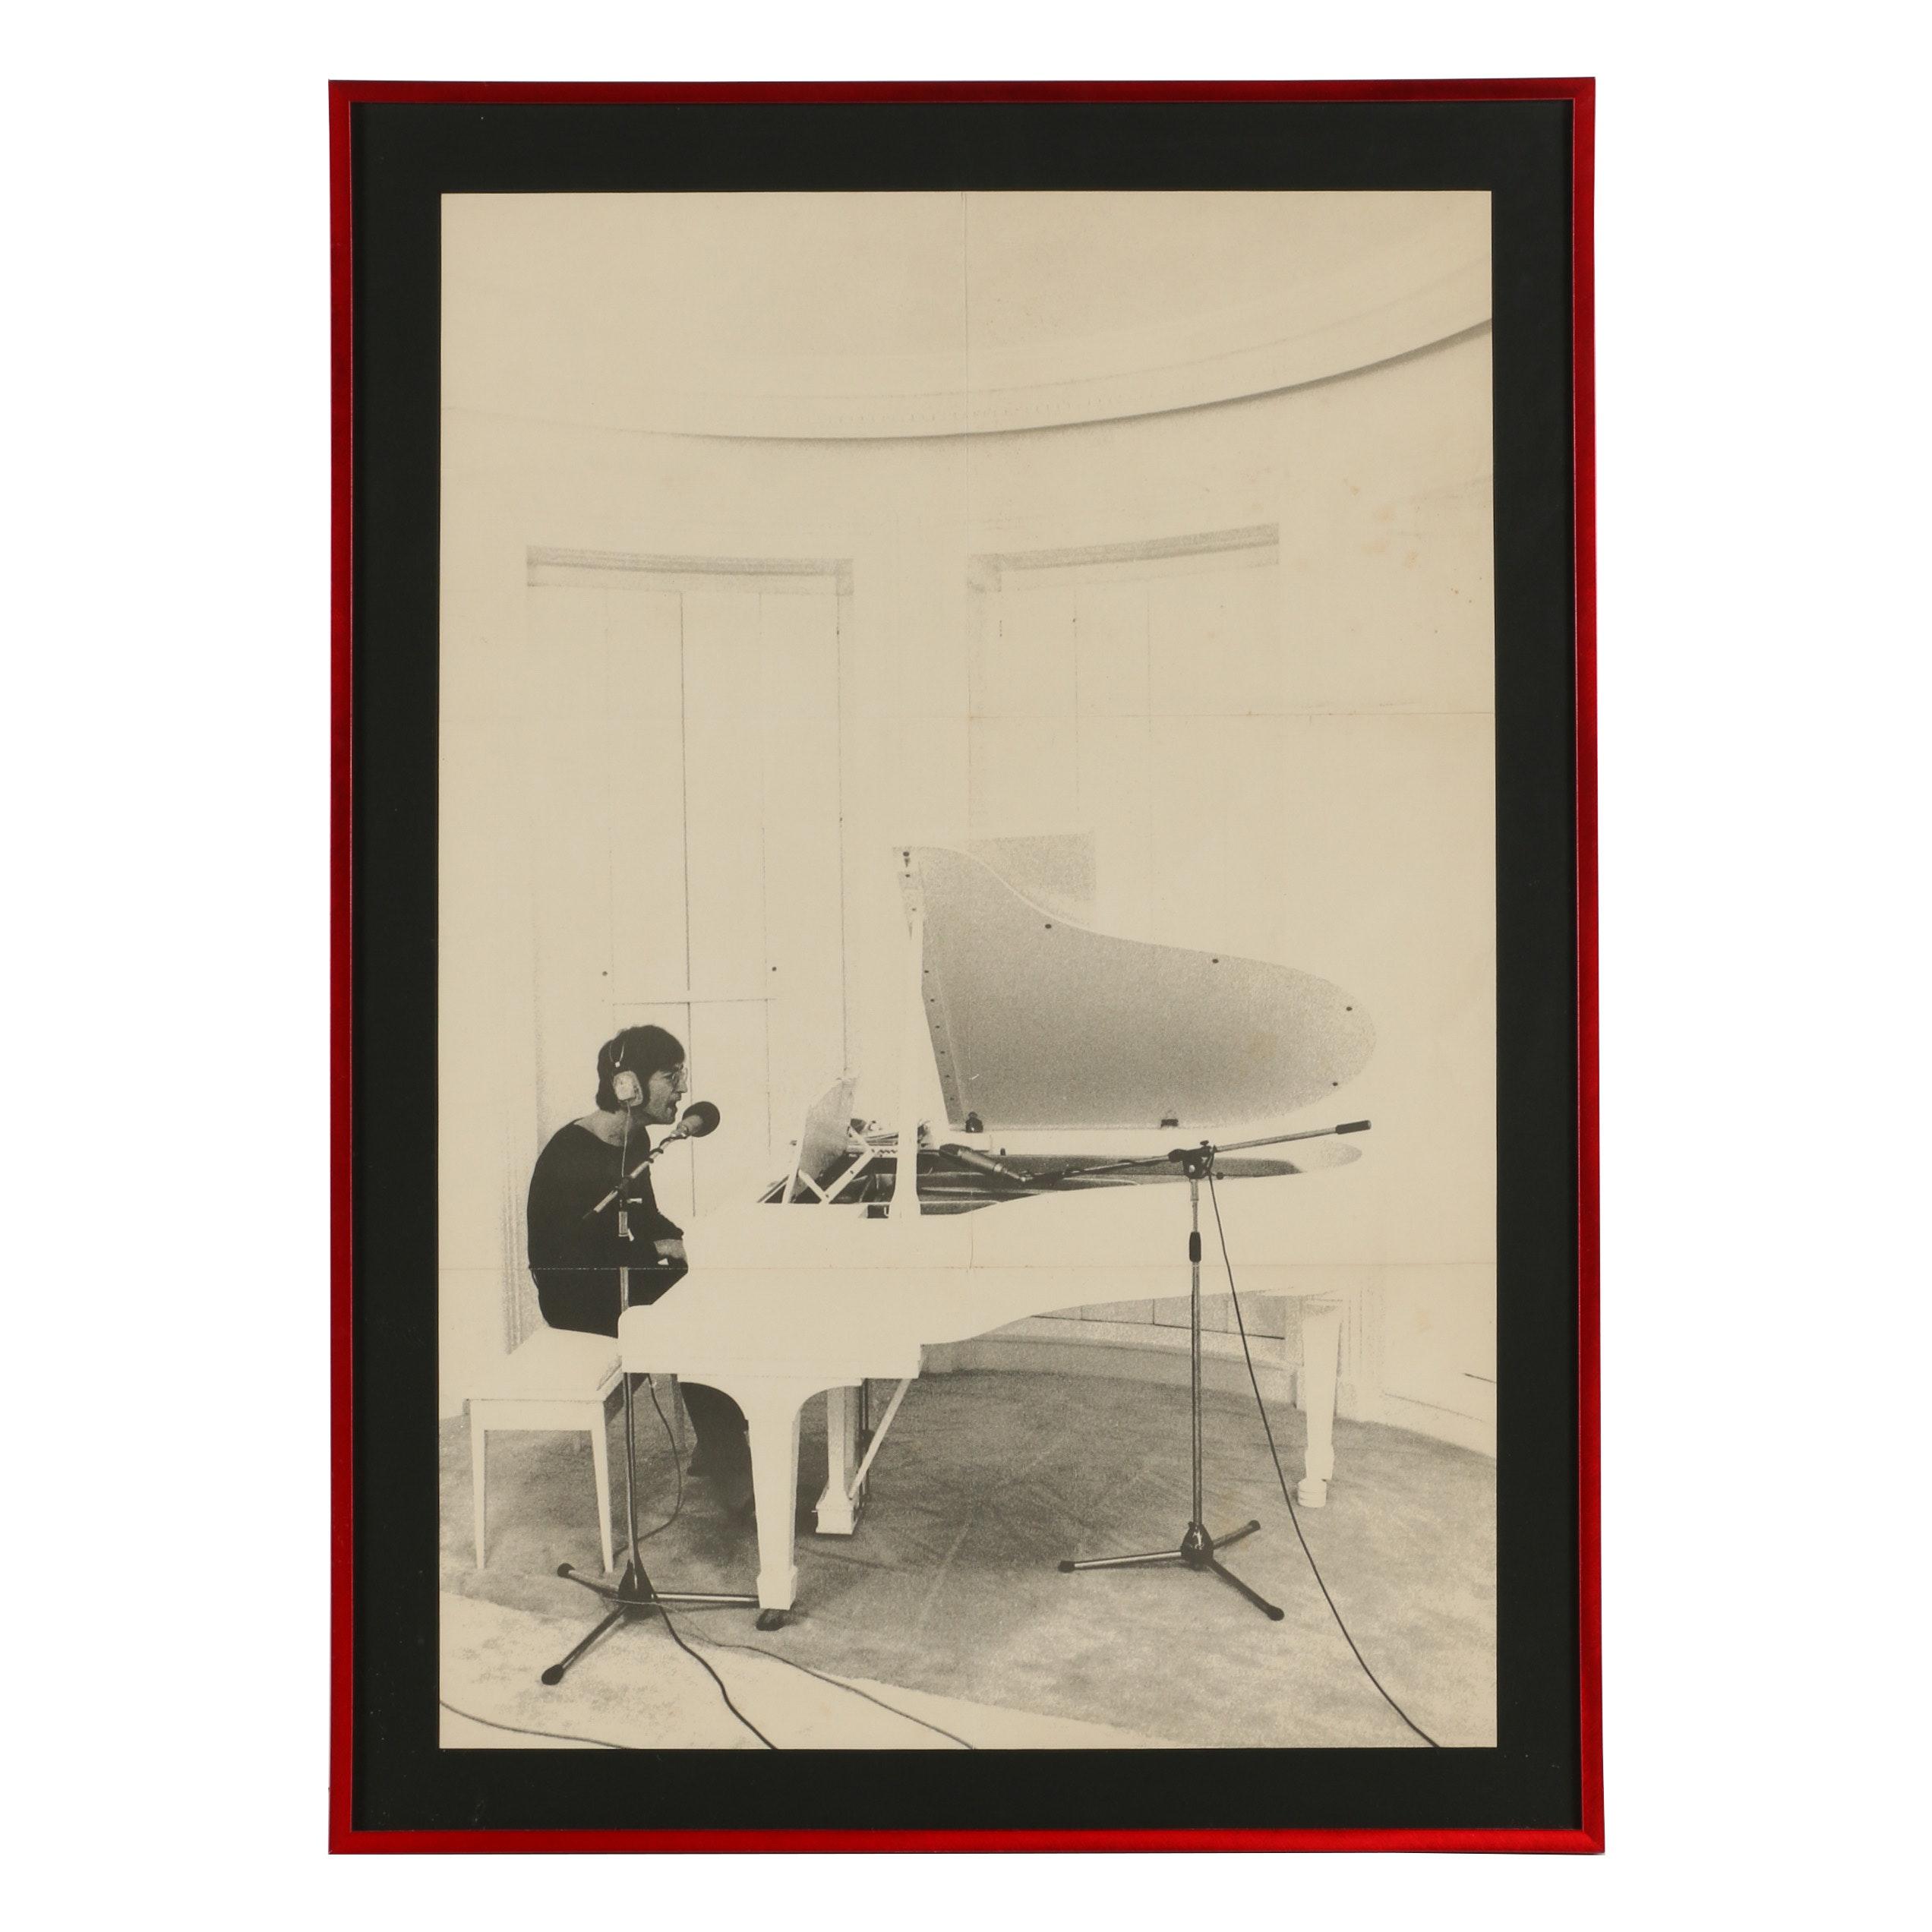 1971 Imagine Album Poster of John Lennon